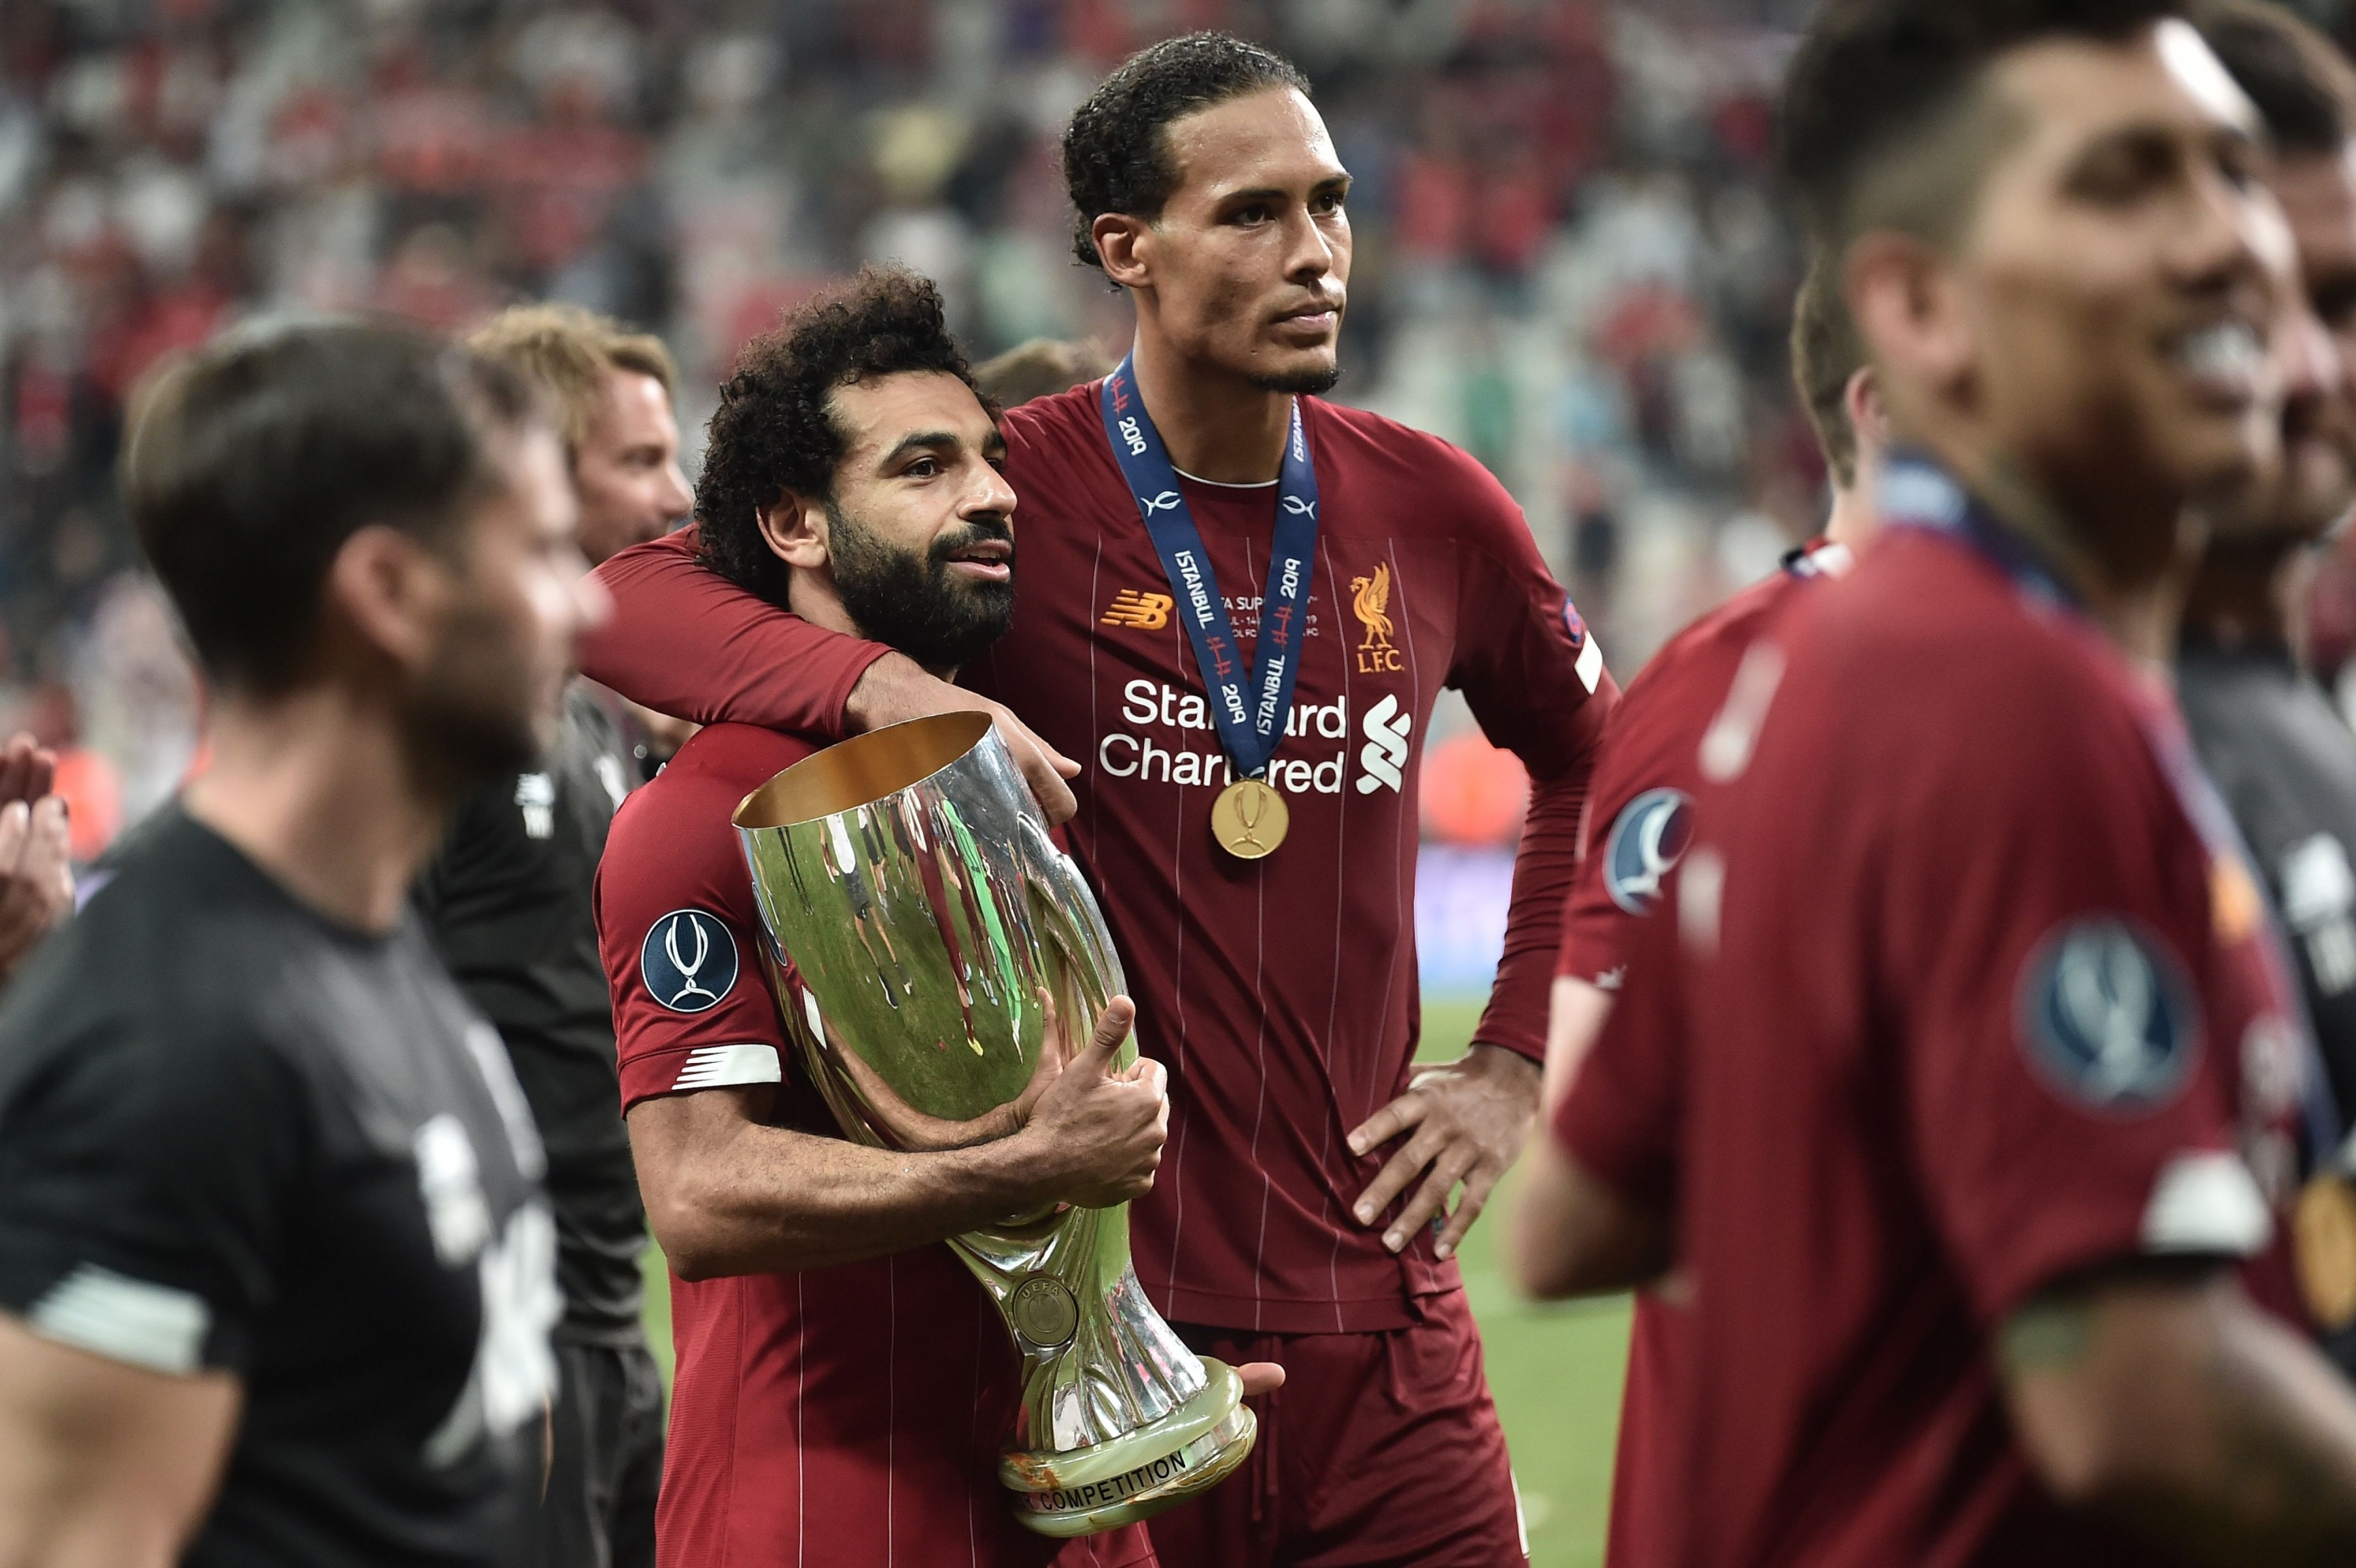 محمد صلاح كتب تاريخ جديد للاعبين العرب في أوروبا